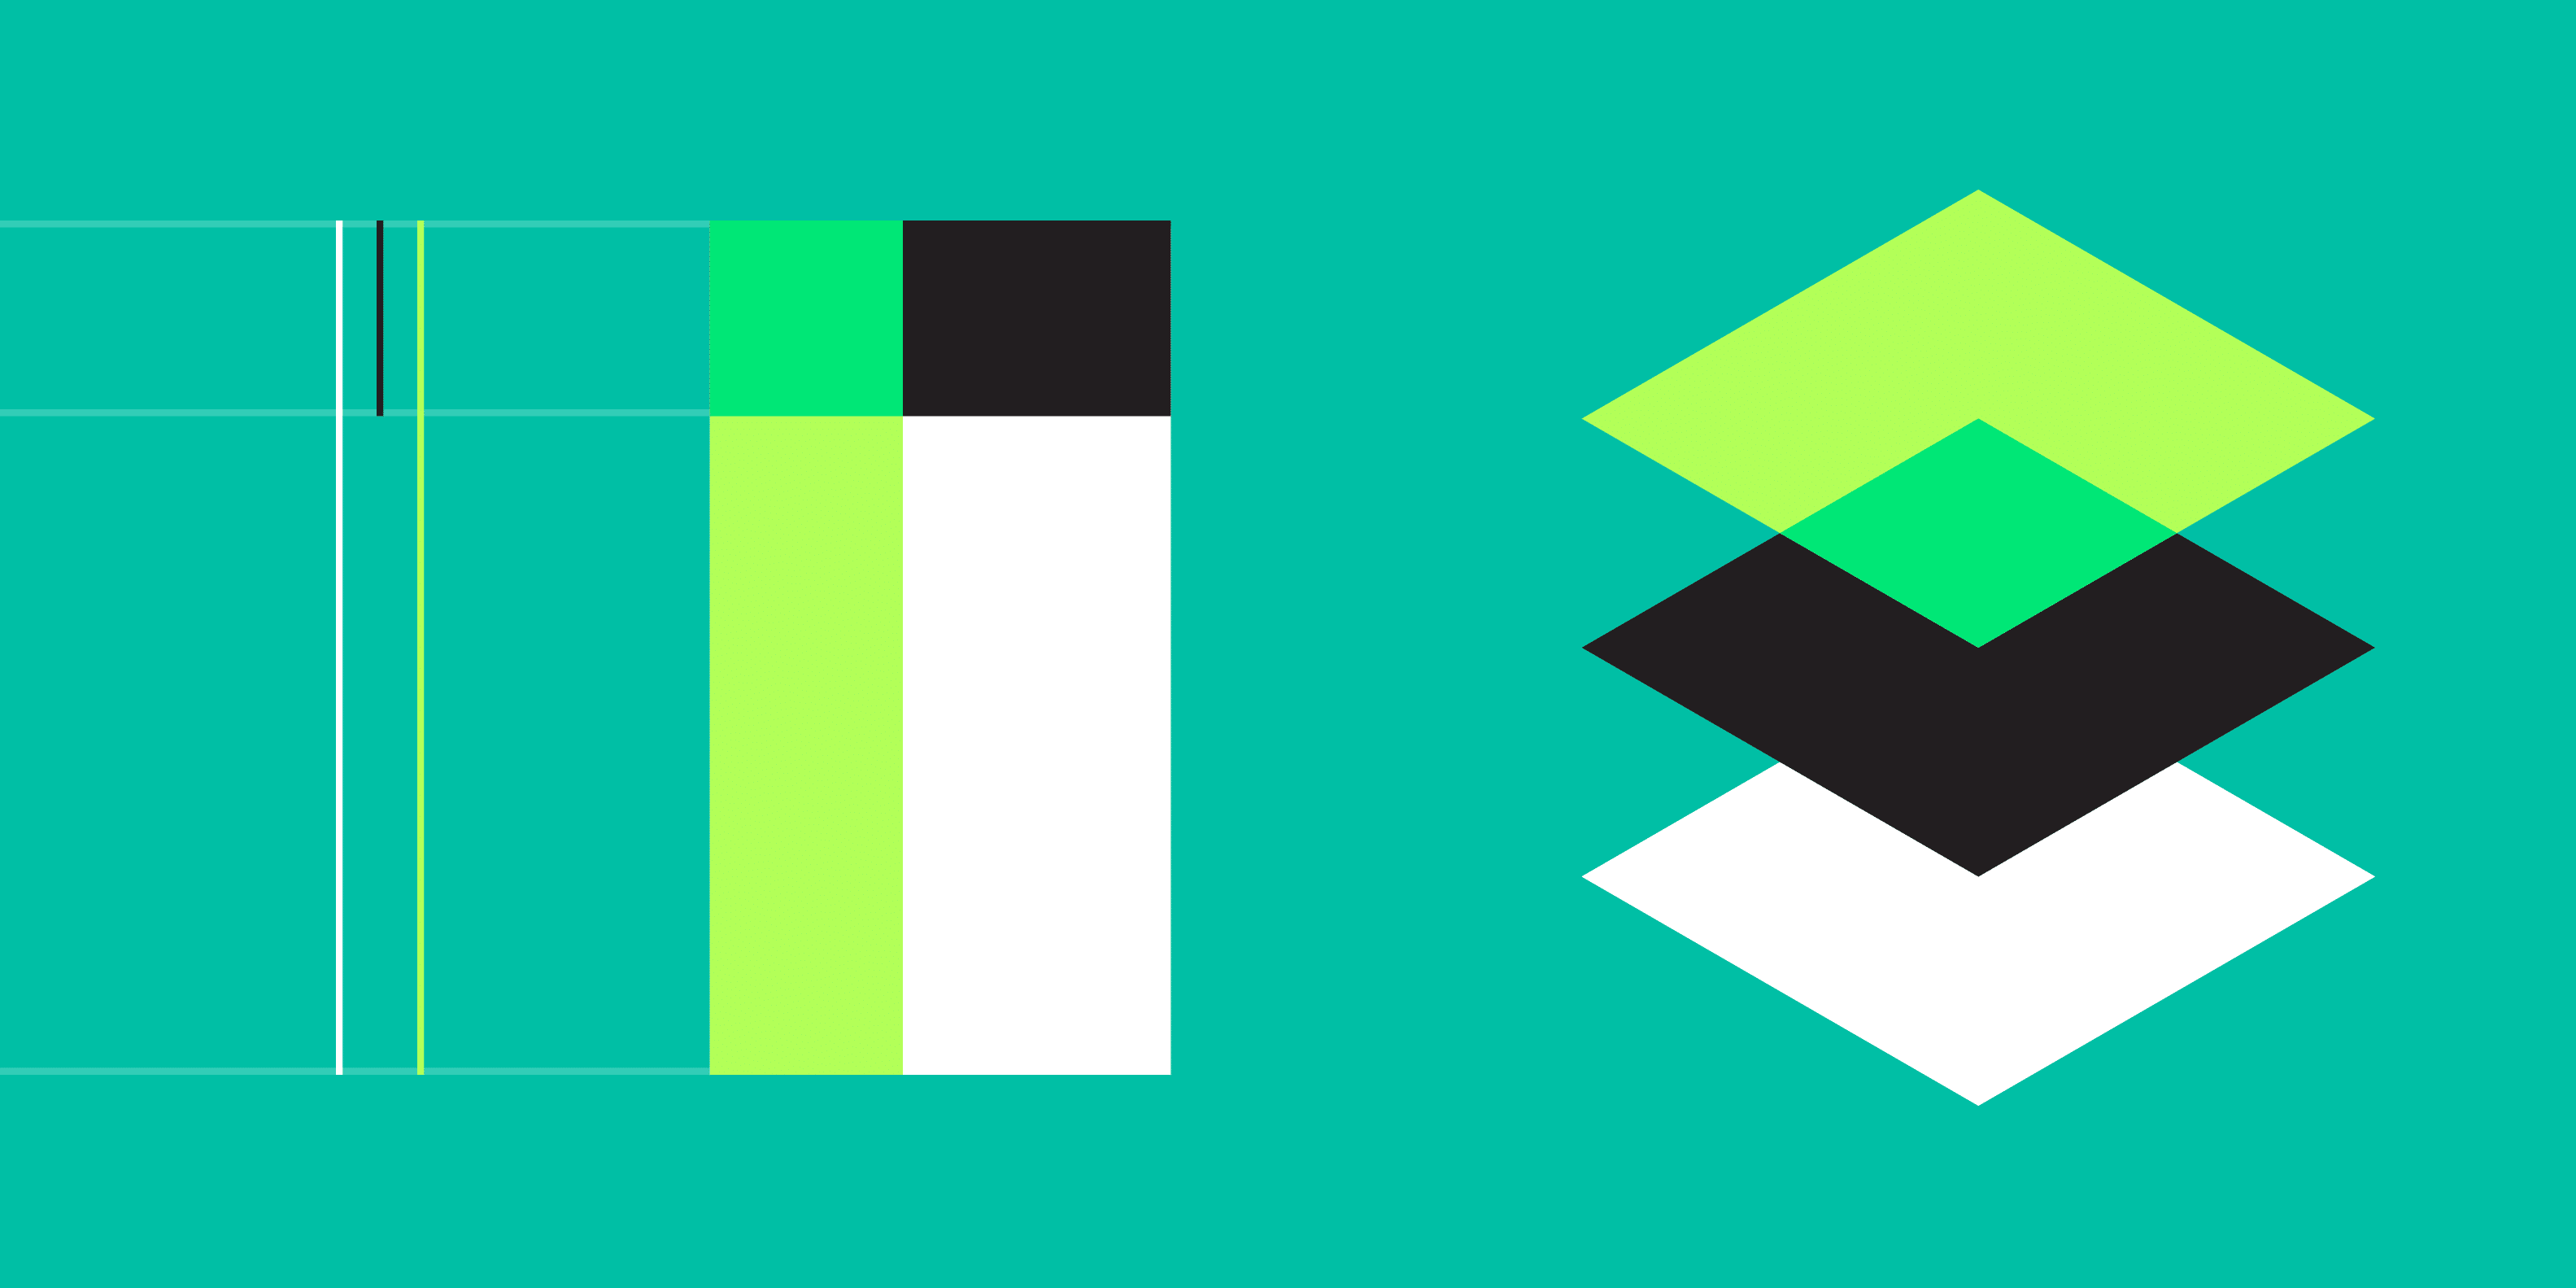 E qual a importância visual no design?